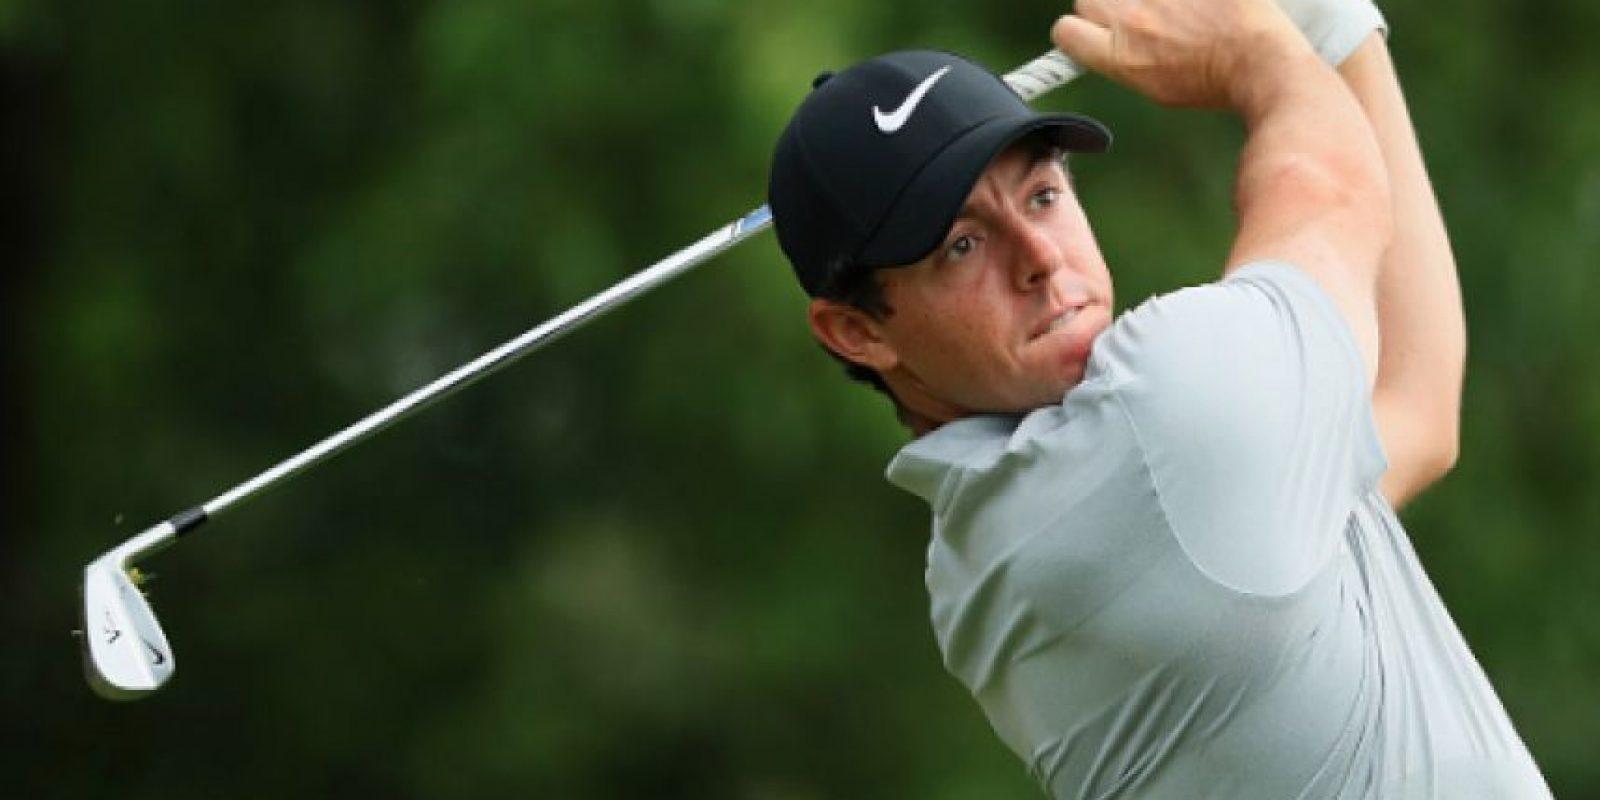 Rory Mcllroy tampoco asistirá a los Juegos Olímpicos por miedo al zika Foto:Getty Images